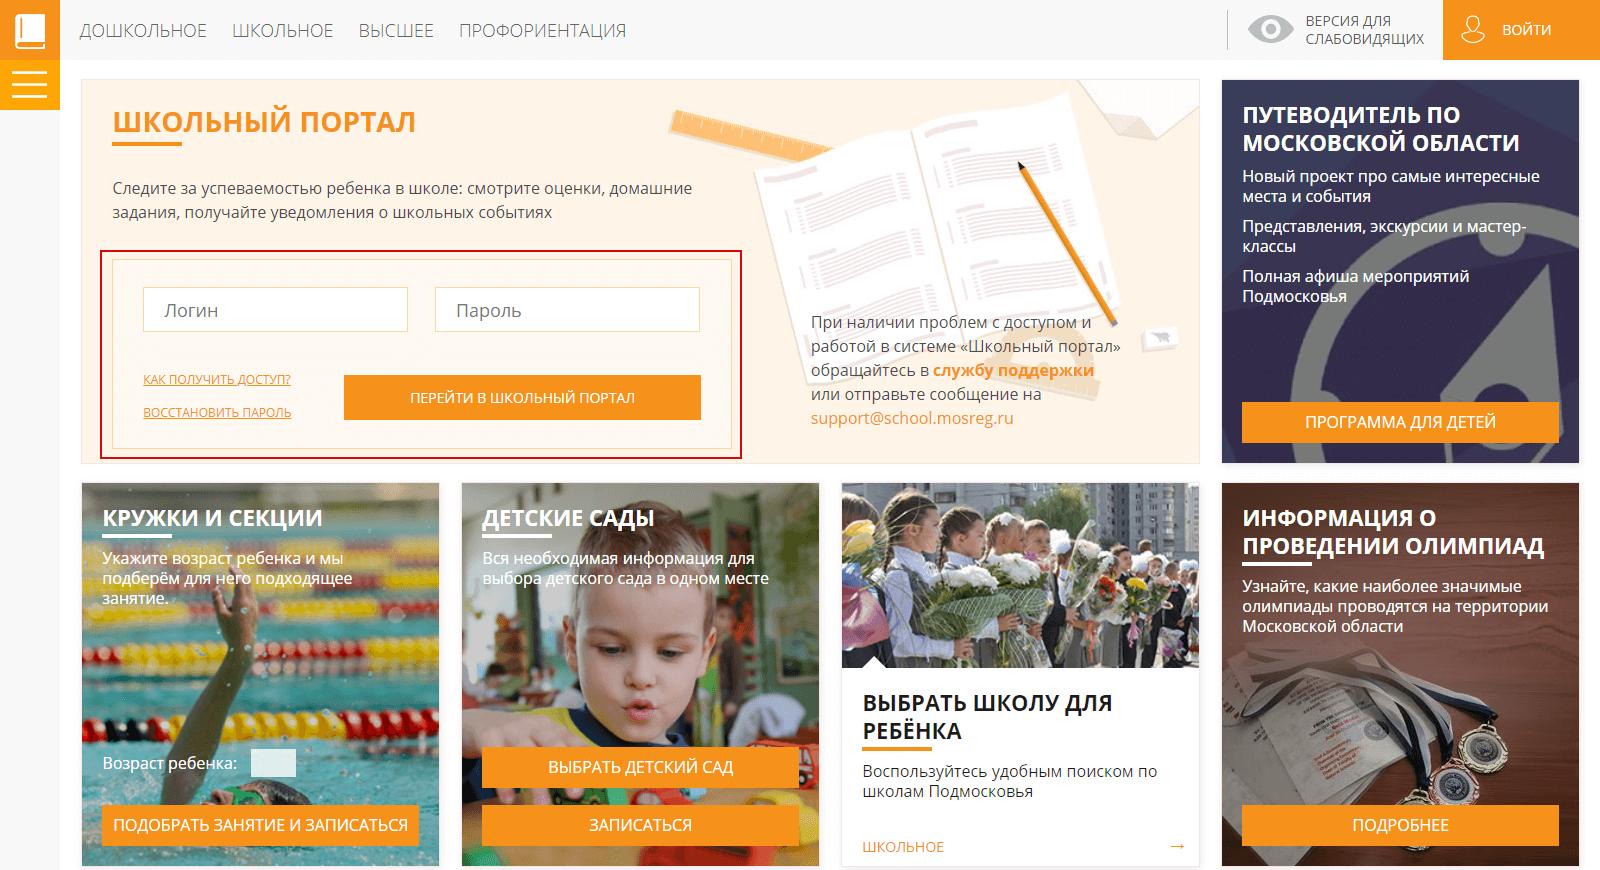 школьный портал московской дневник